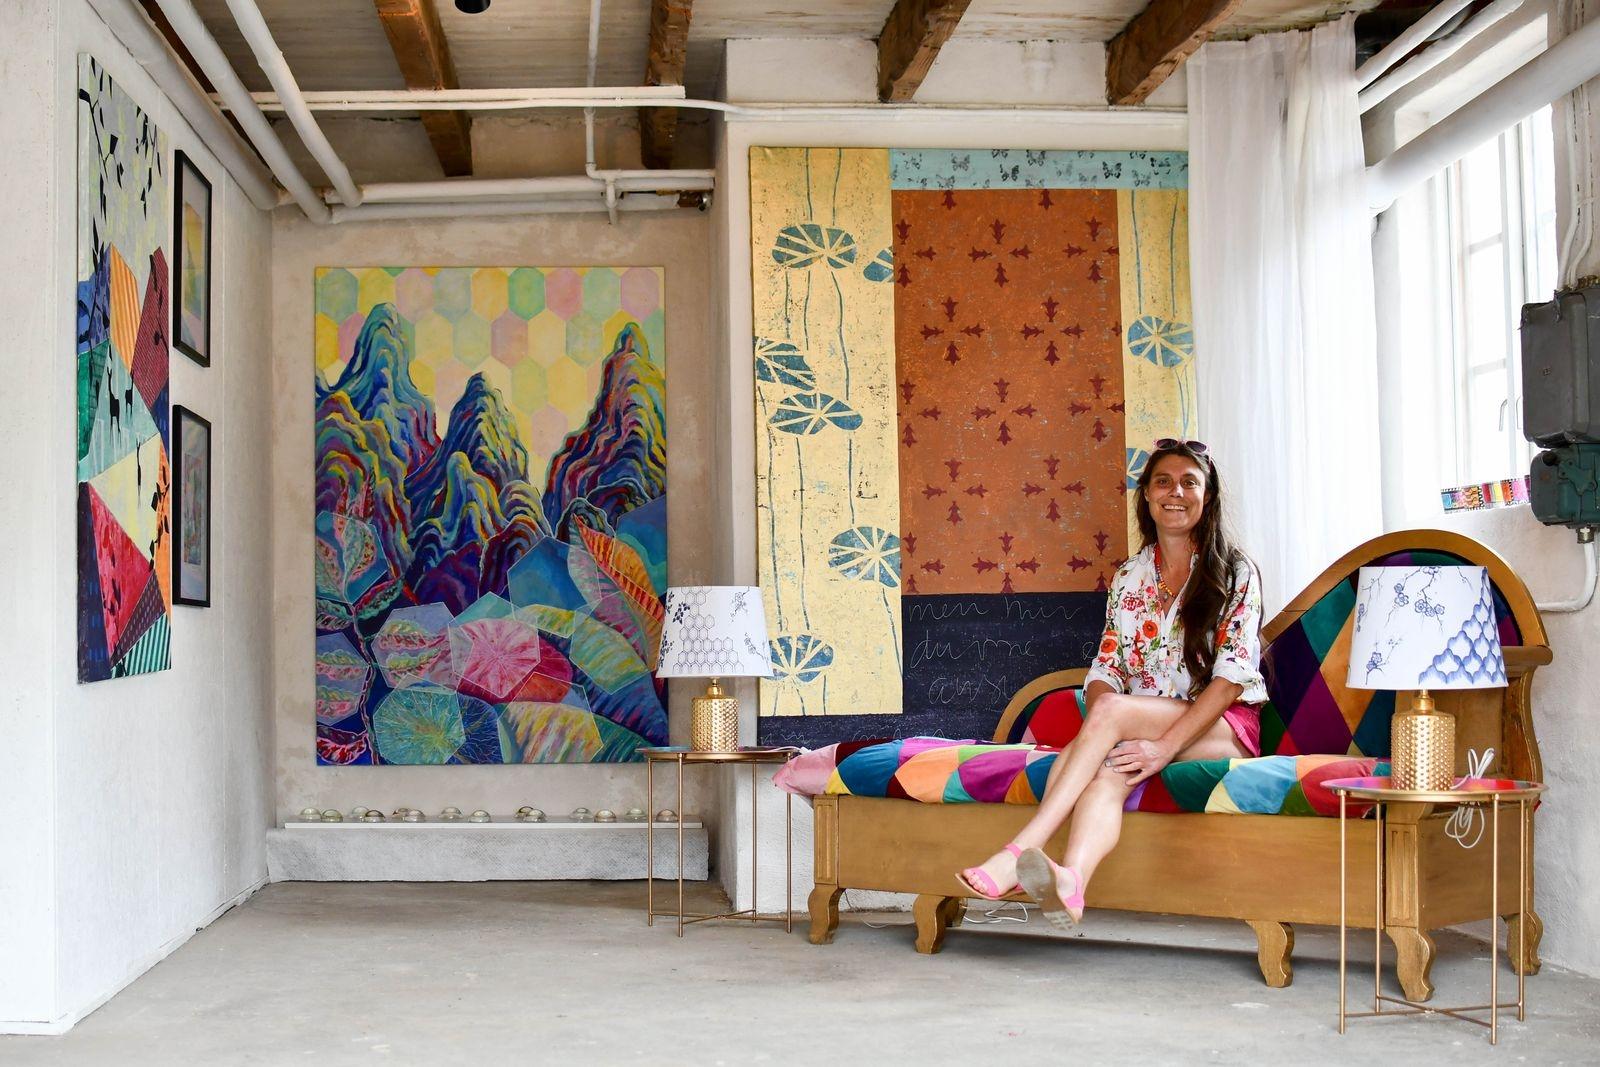 Ninni Ahlsell jobbar även som dekorationsmålare och förgyllare.